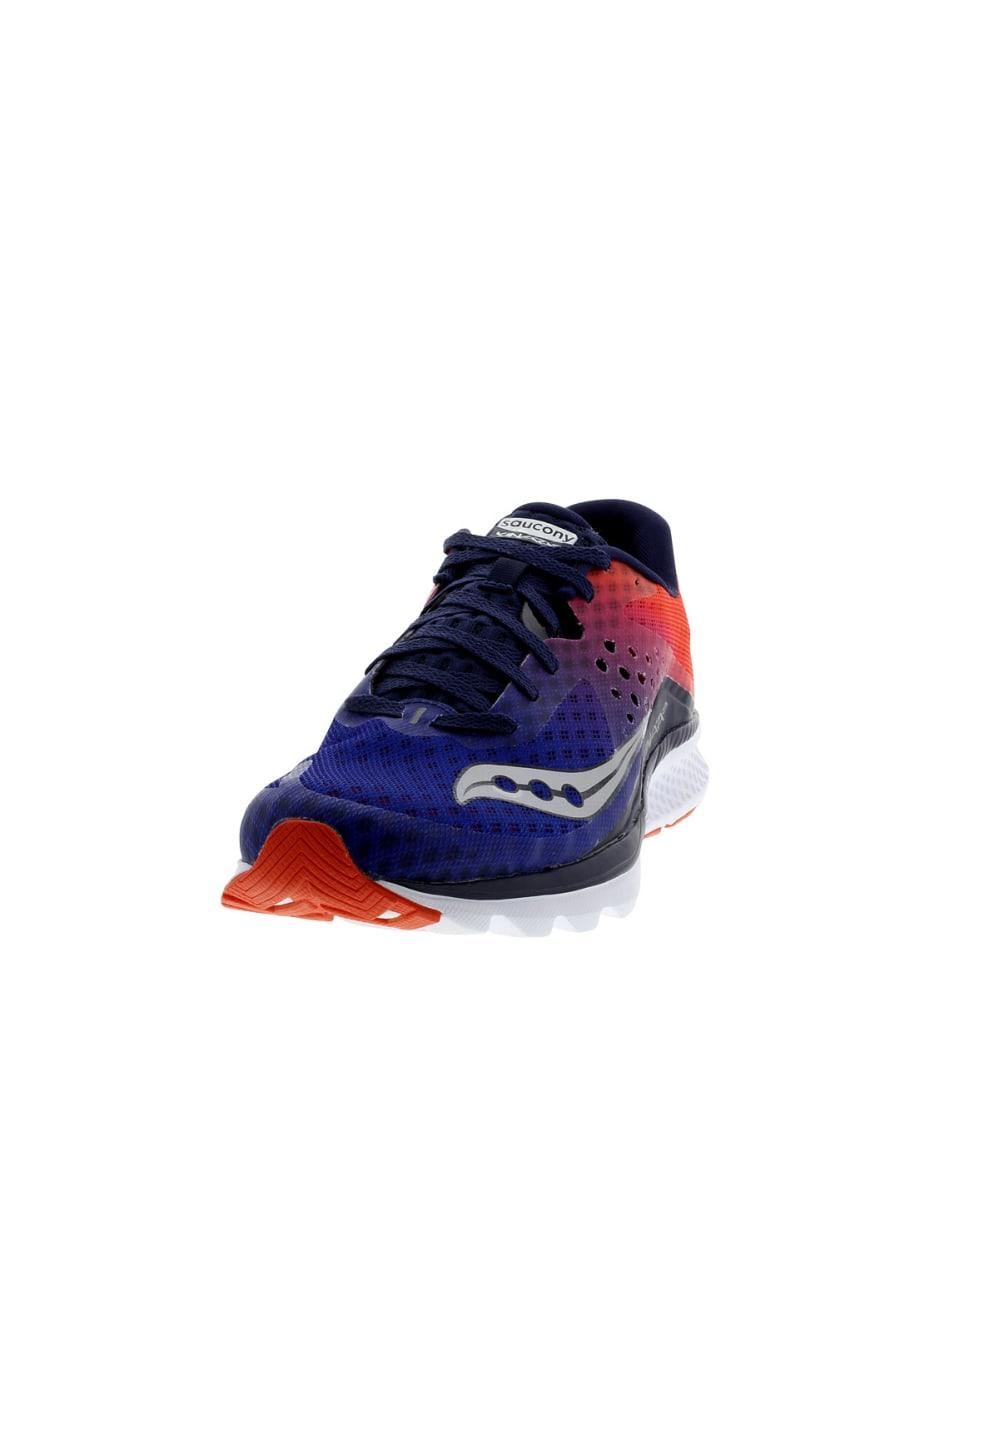 Saucony Kinvara 8 Zapatillas de running para Hombre Violeta